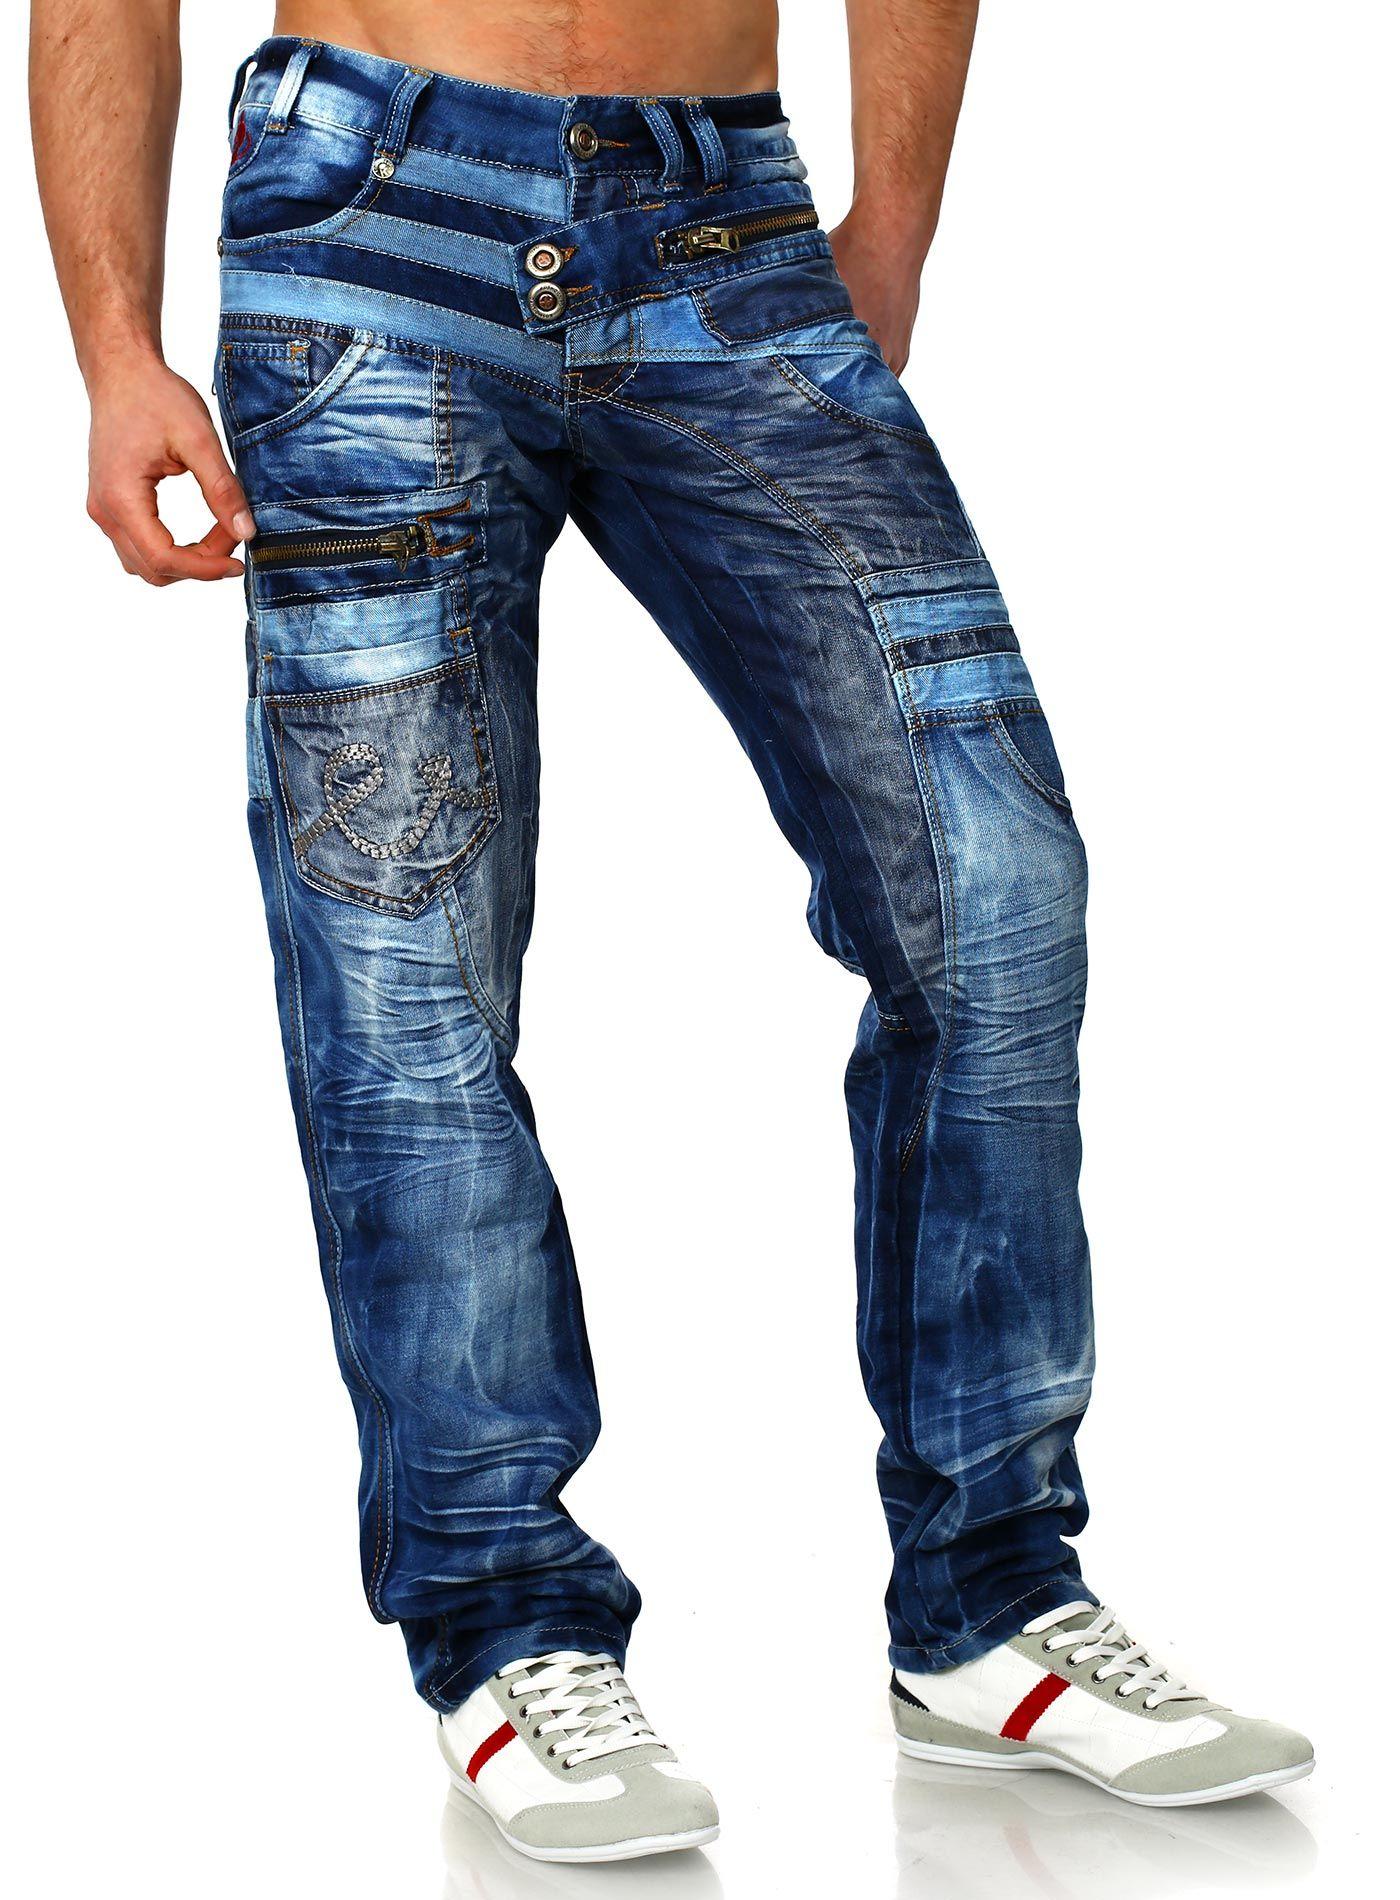 Jeans Denim Kosmo Lupo mężczyzn niebieski w stylu vintage   Wear ... cd3b1d5b90